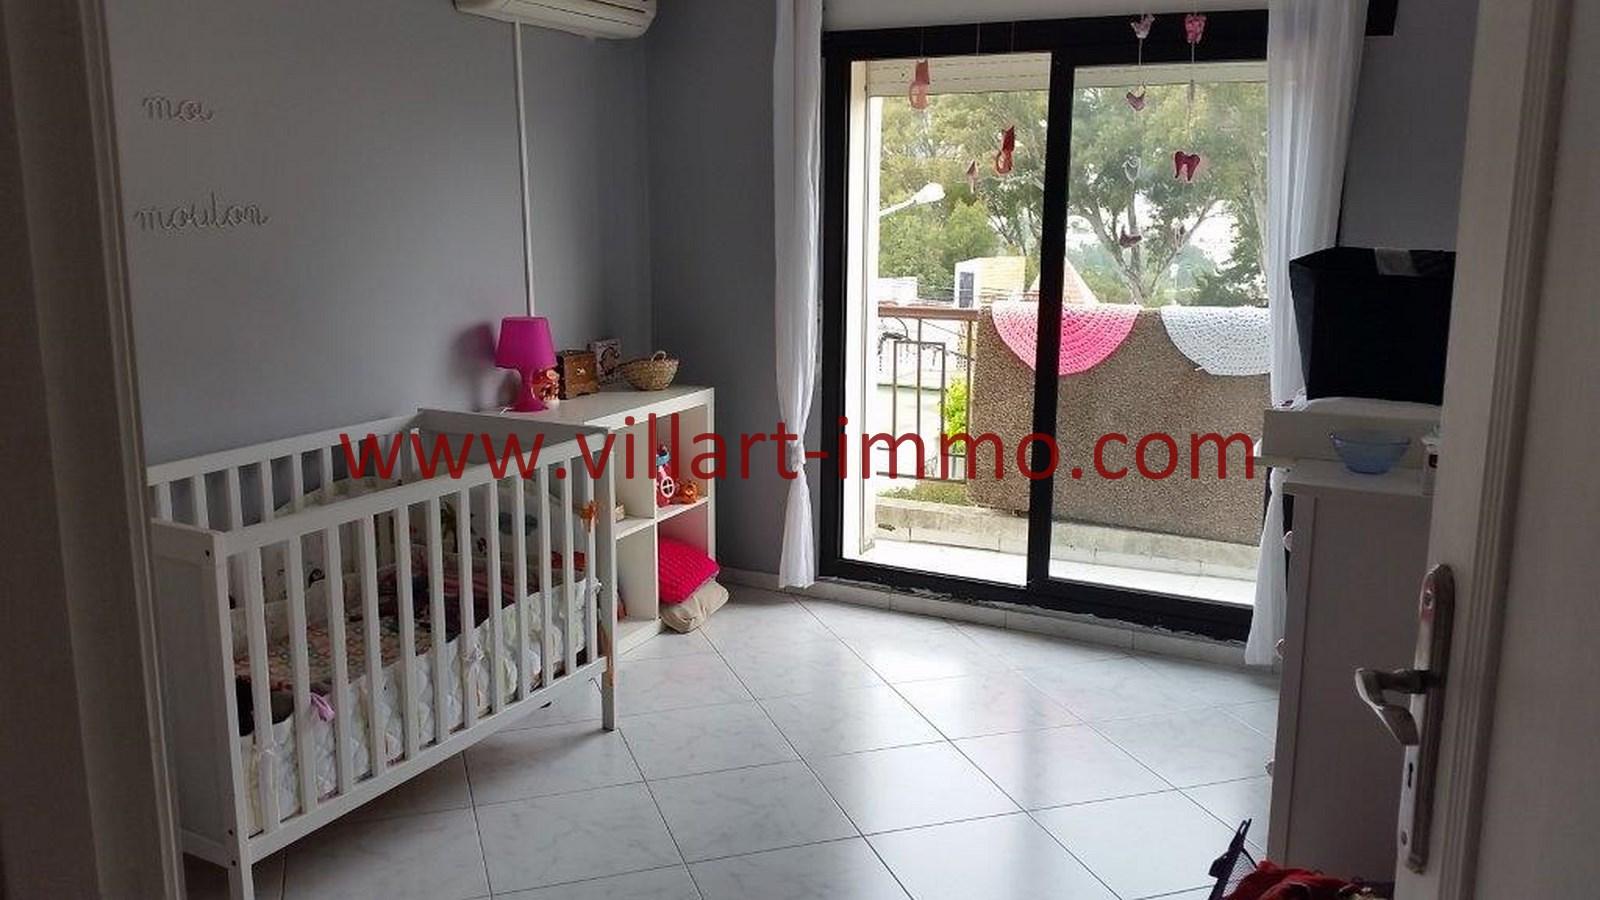 10-a-vendre-tanger-villa-californie-chambre-2-vv459-villart-immo-agence-immobiliere